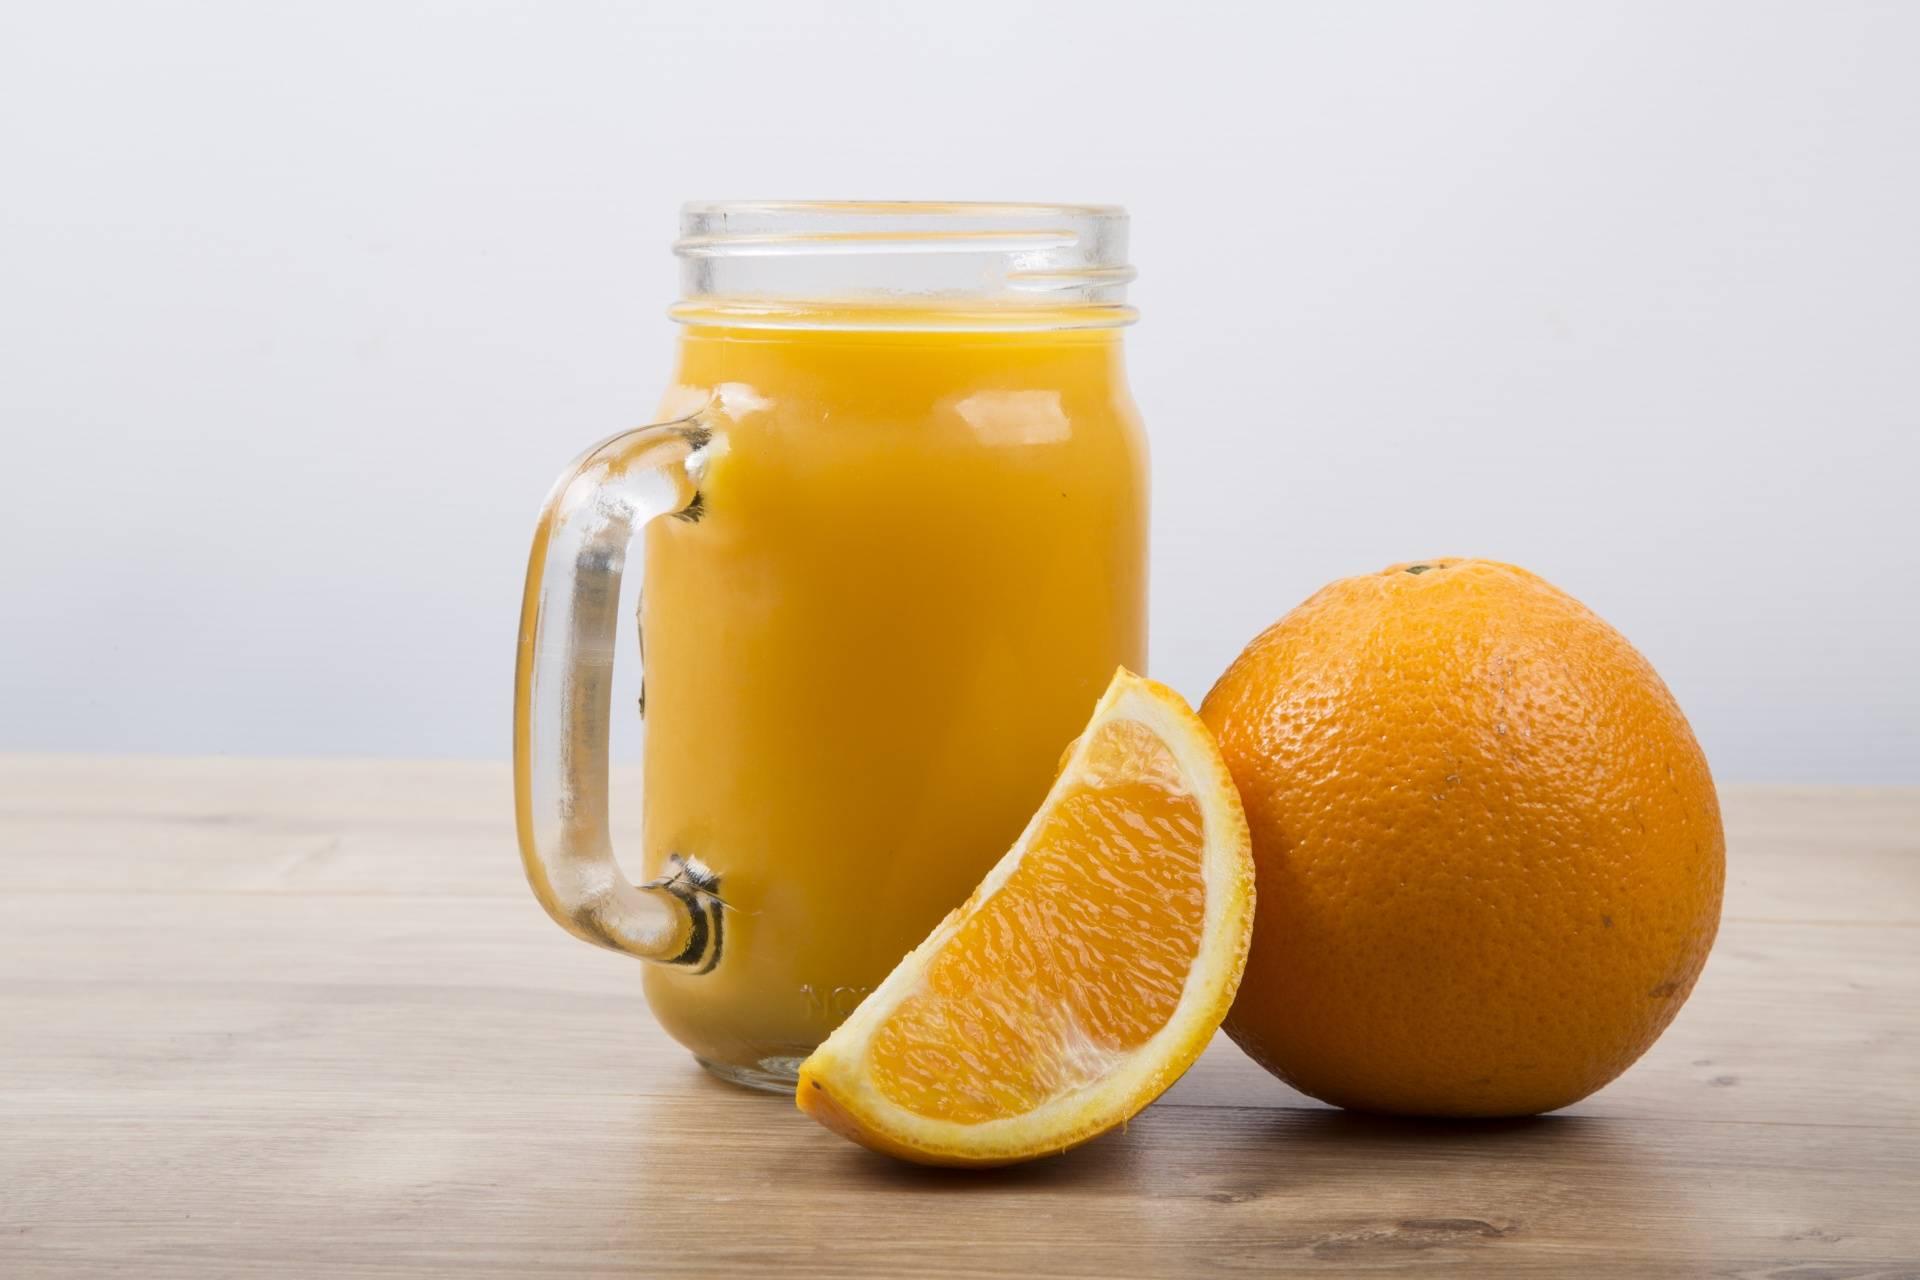 Апельсиновый сок по утрам смело пейте, здоровье и бодрость на весь день заимейте!